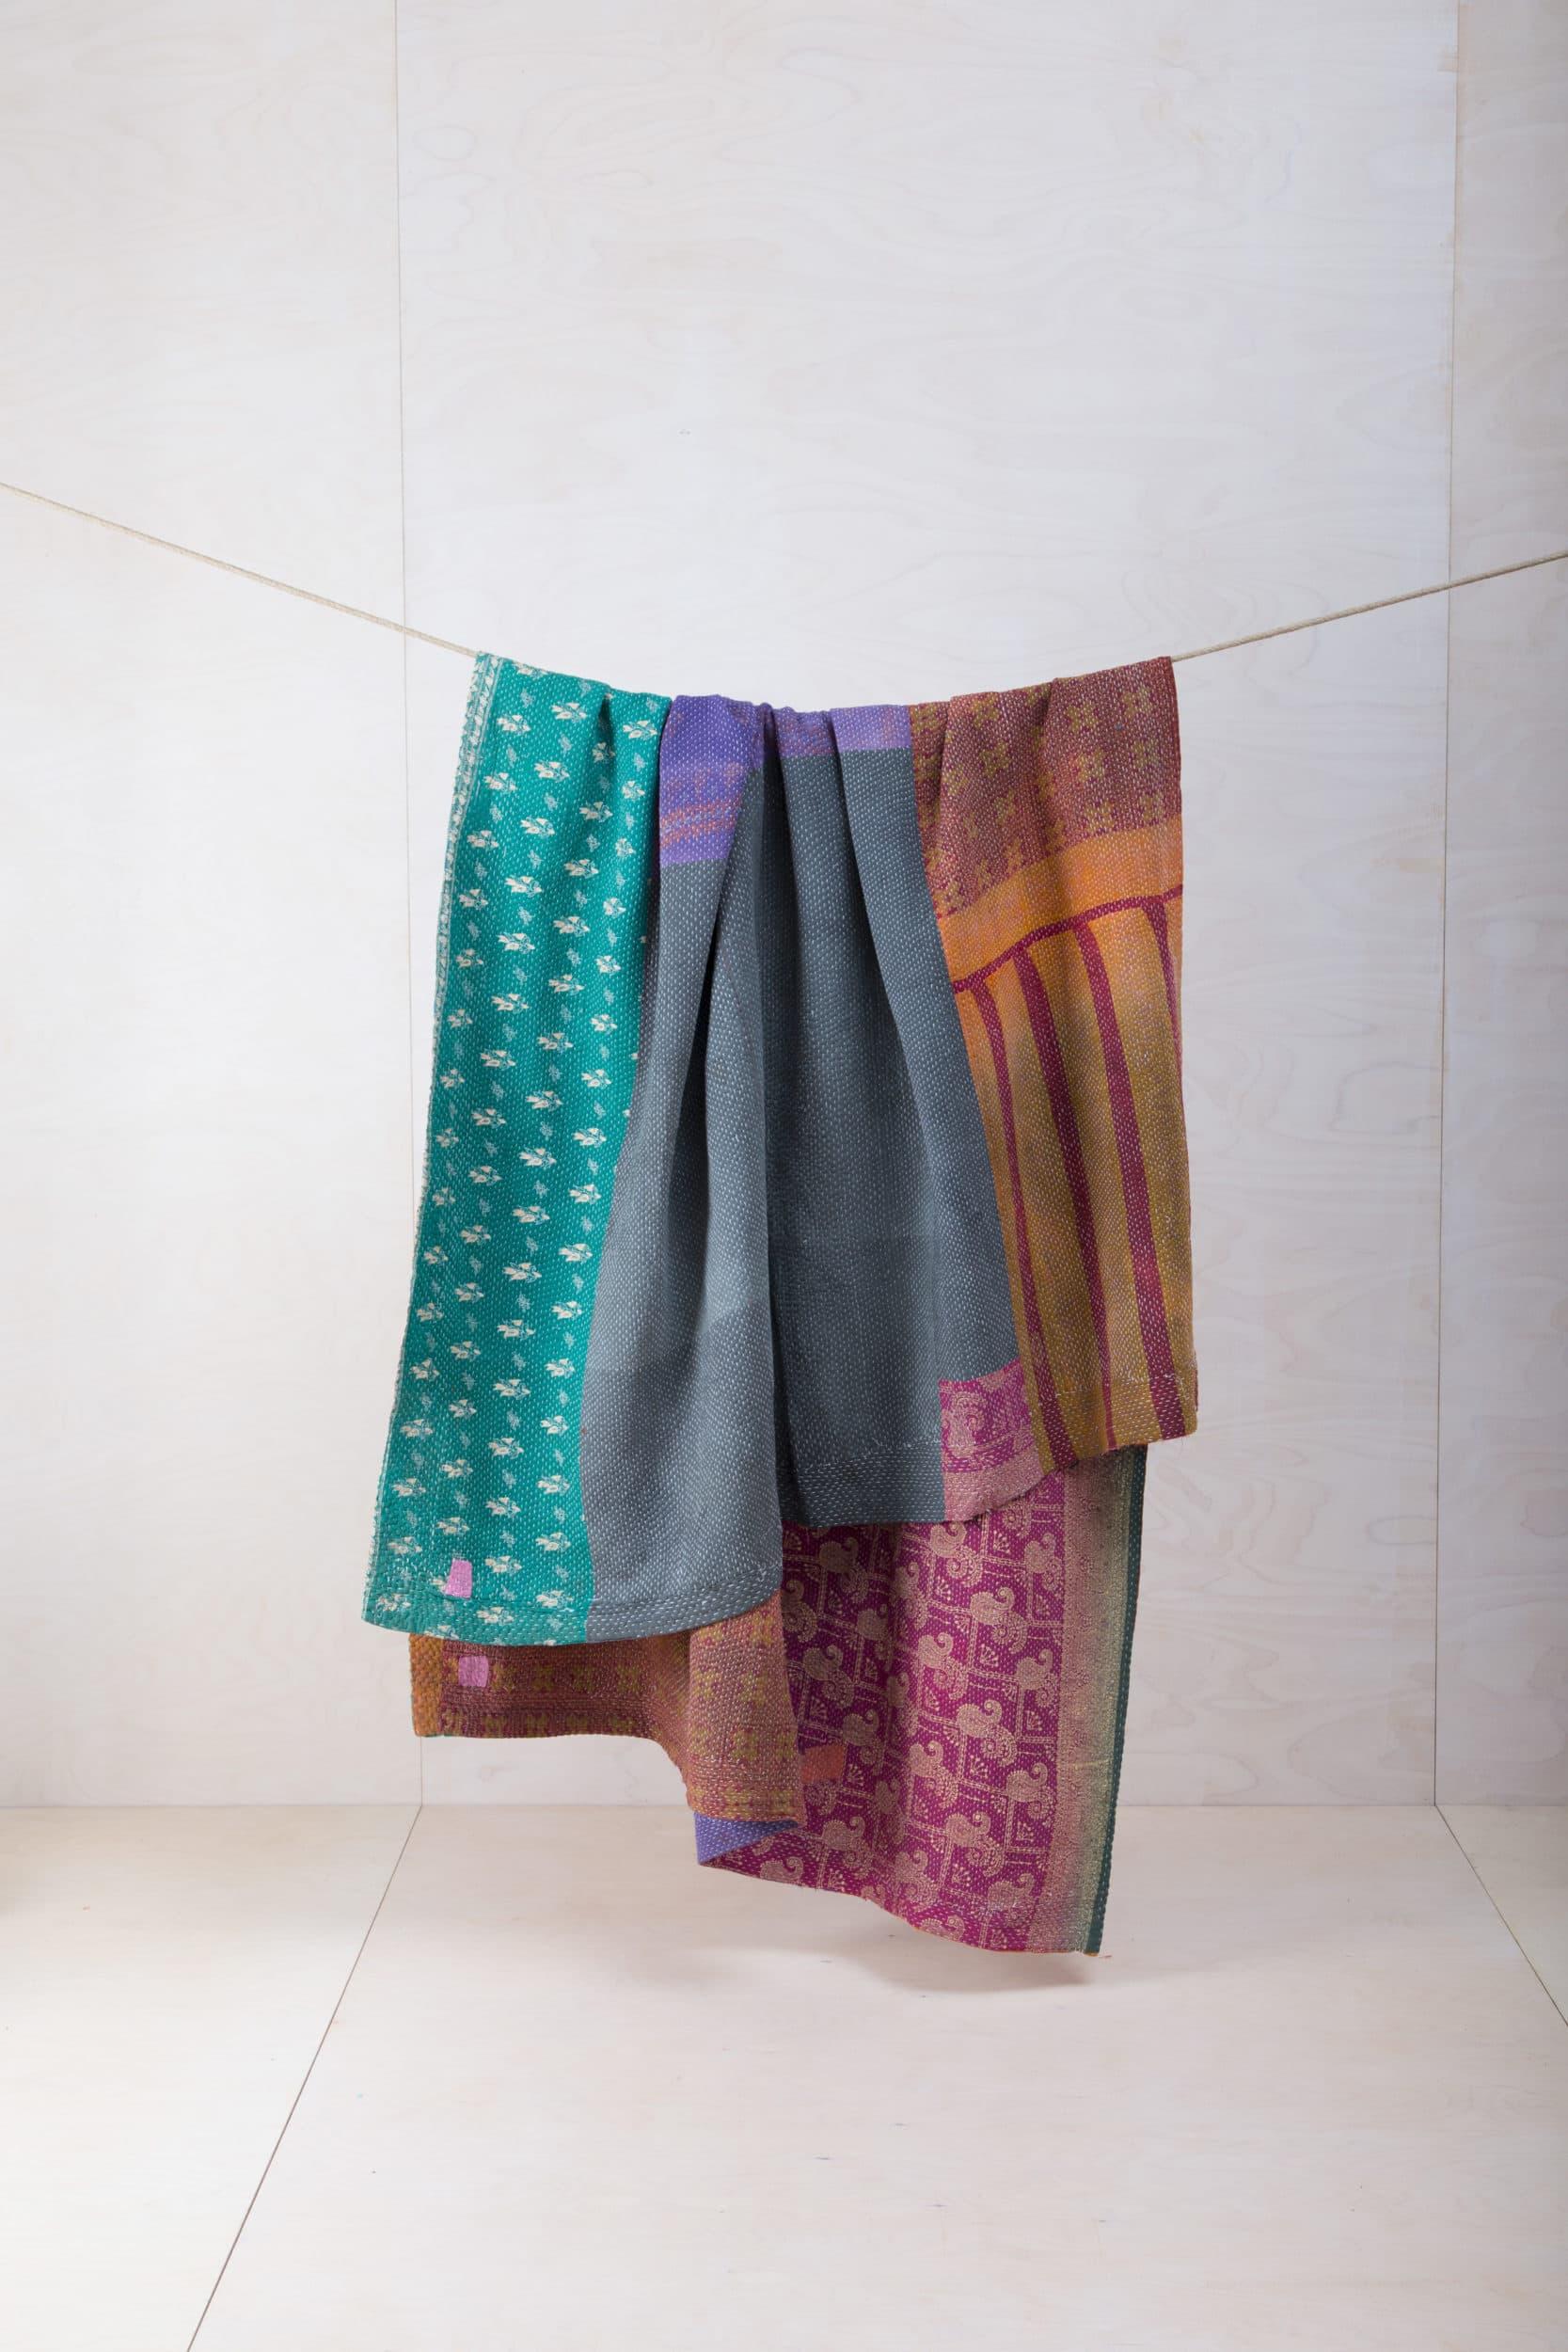 Baumwolldecken zum Schmücken und Dekorieren zu mieten